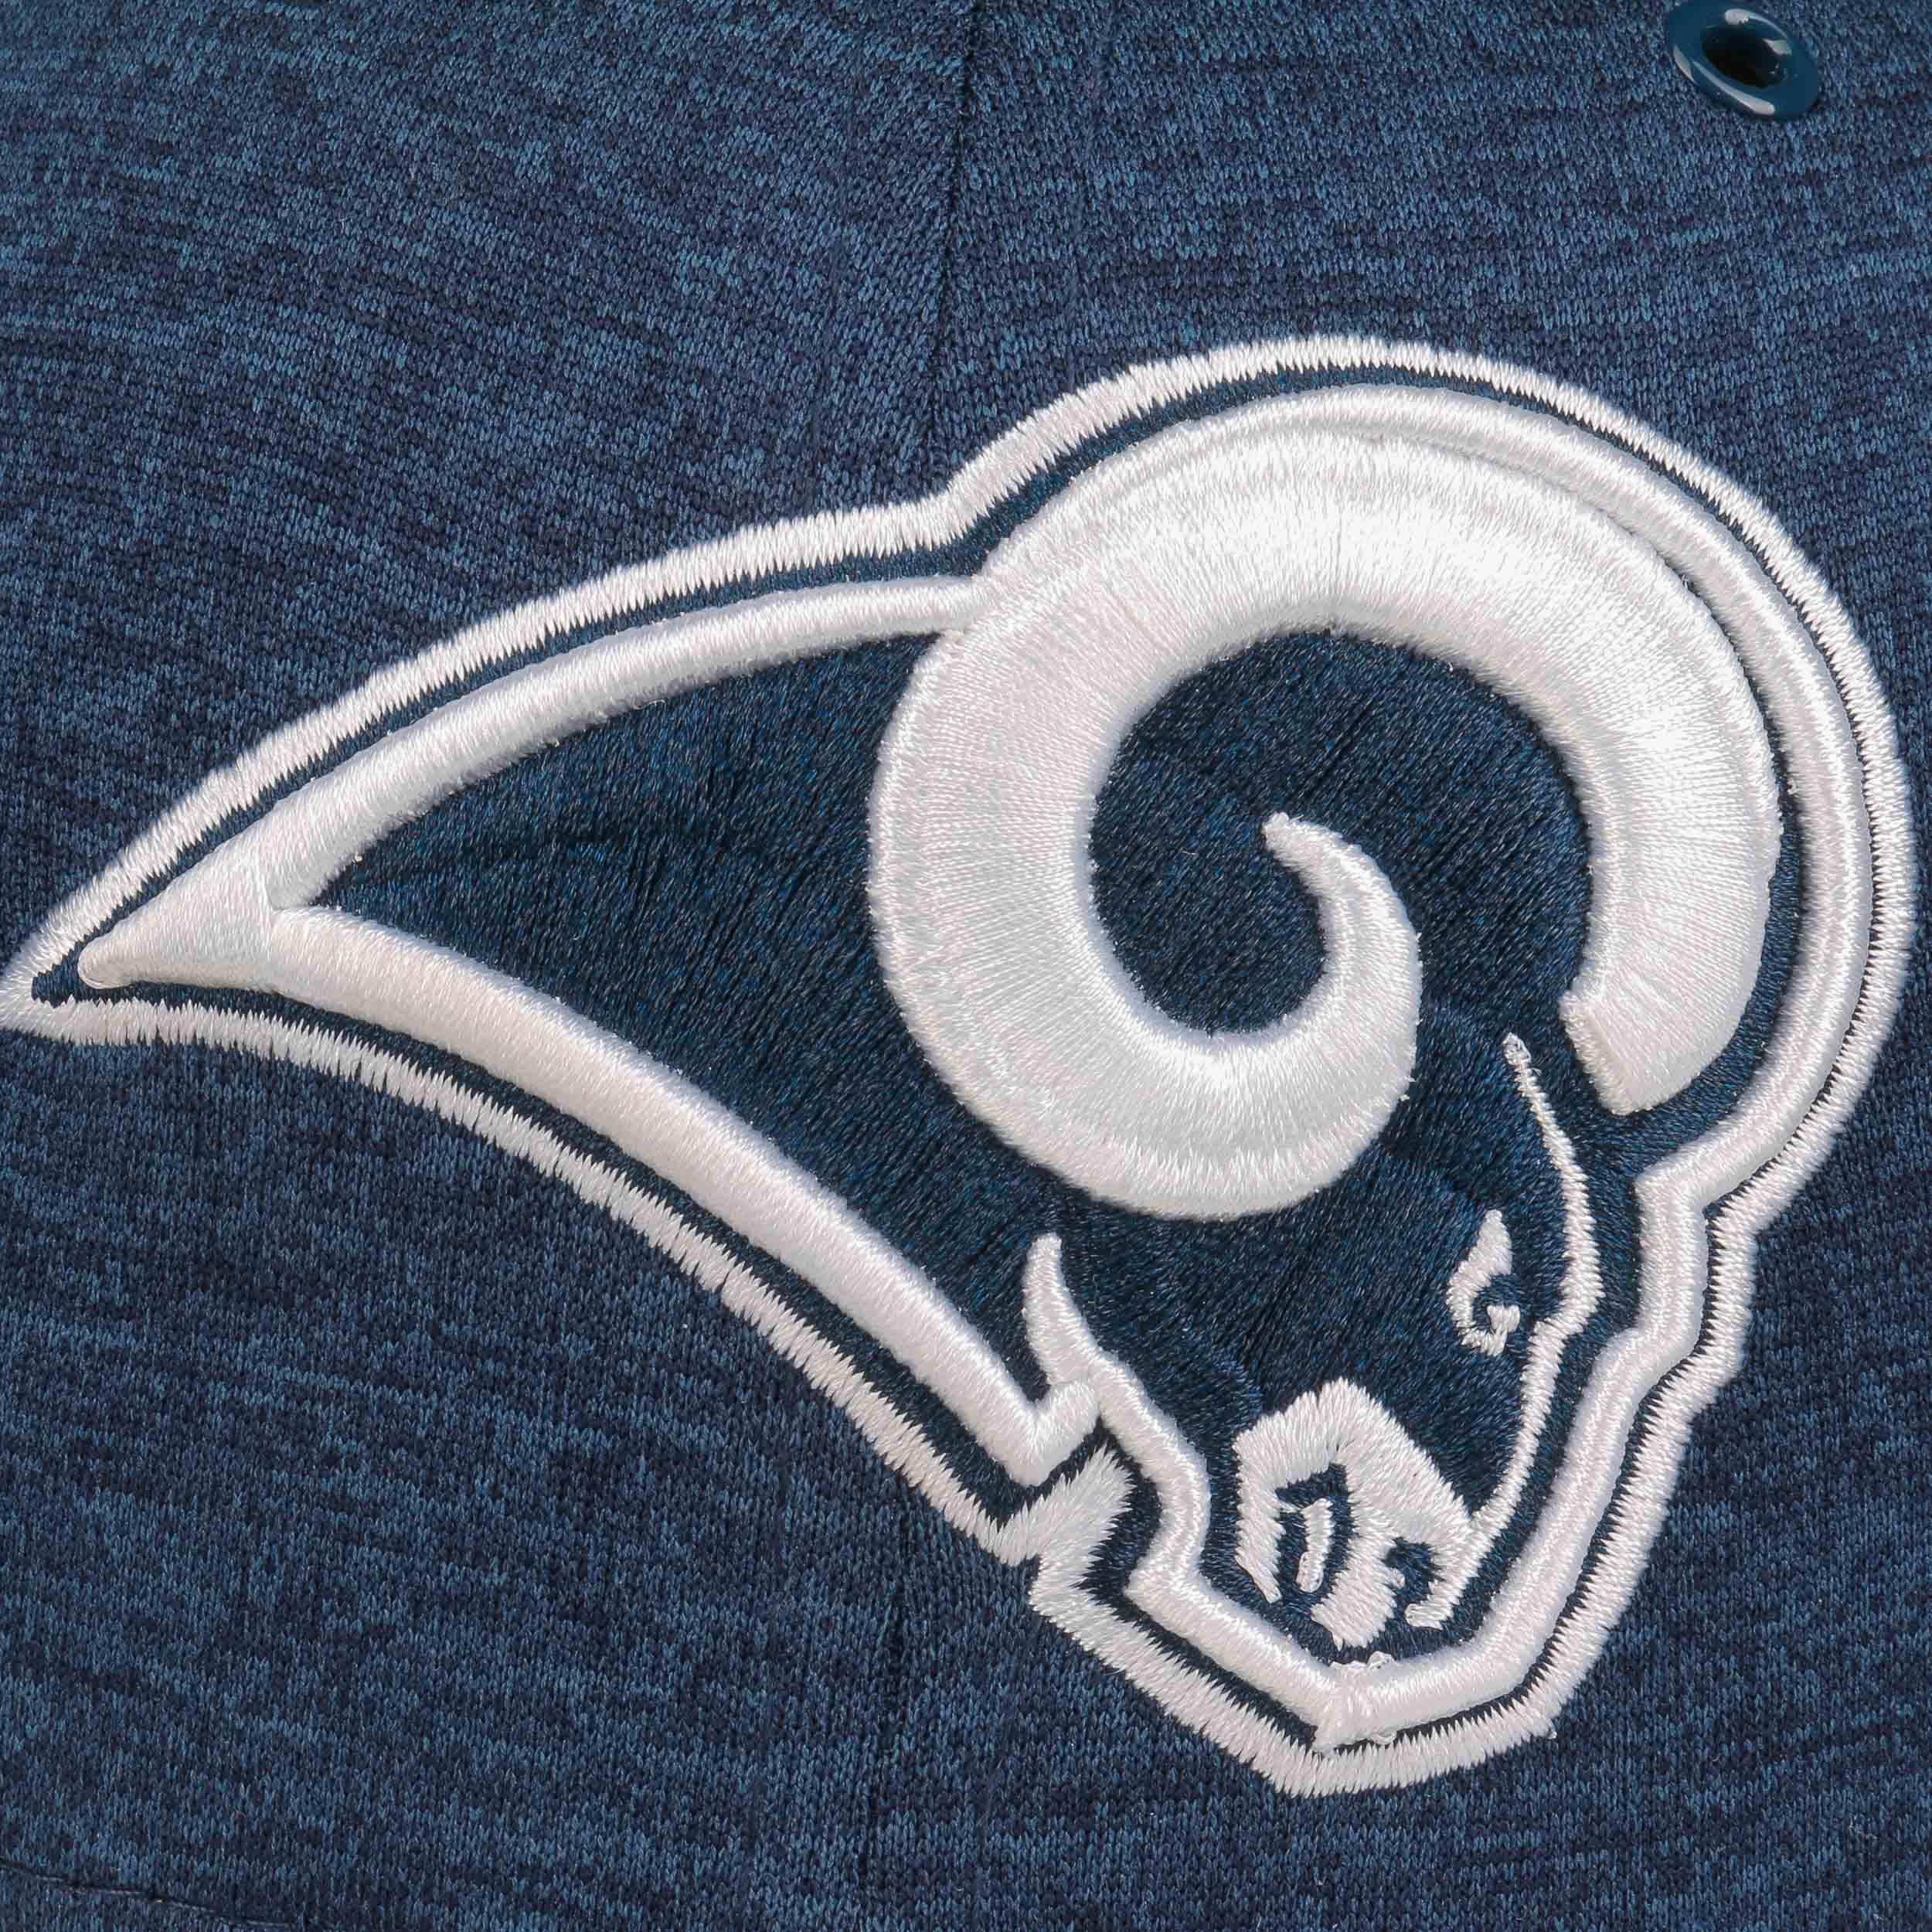 fe01191f481c0 Gorra 59Fifty On-Field 18 LA Rams by New Era - Gorras - sombreroshop.es